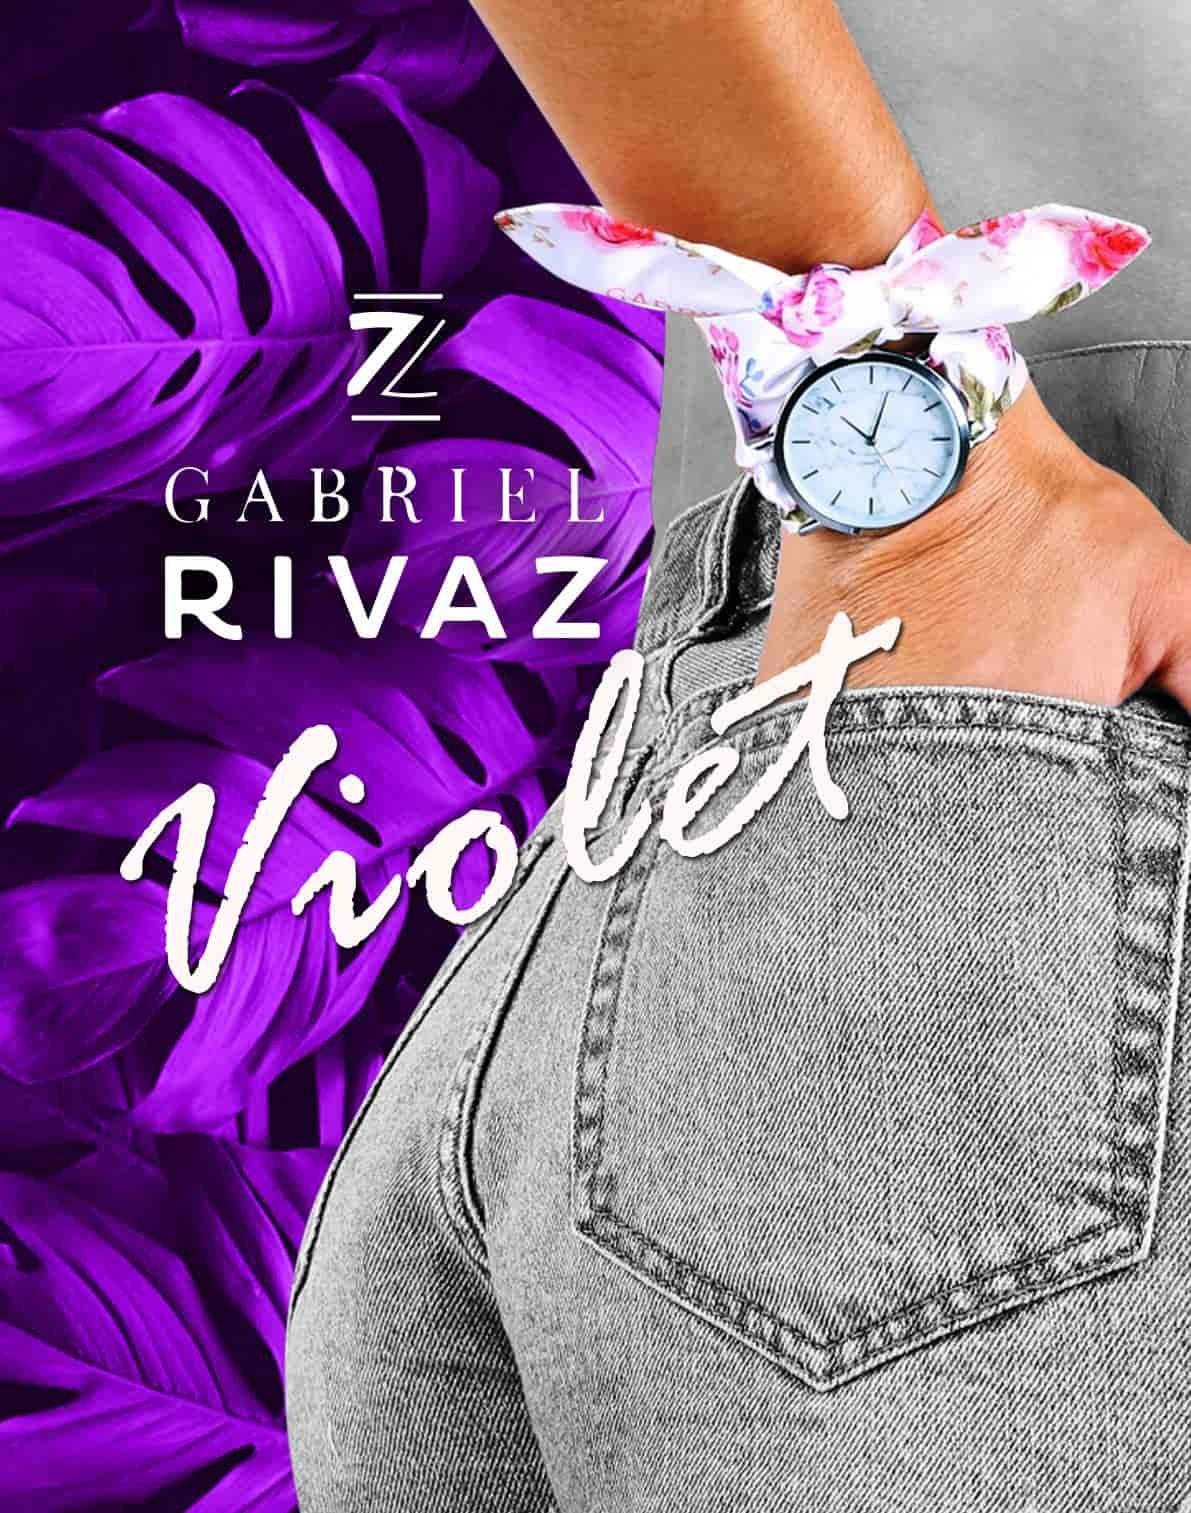 GABRIEL RIVAZ